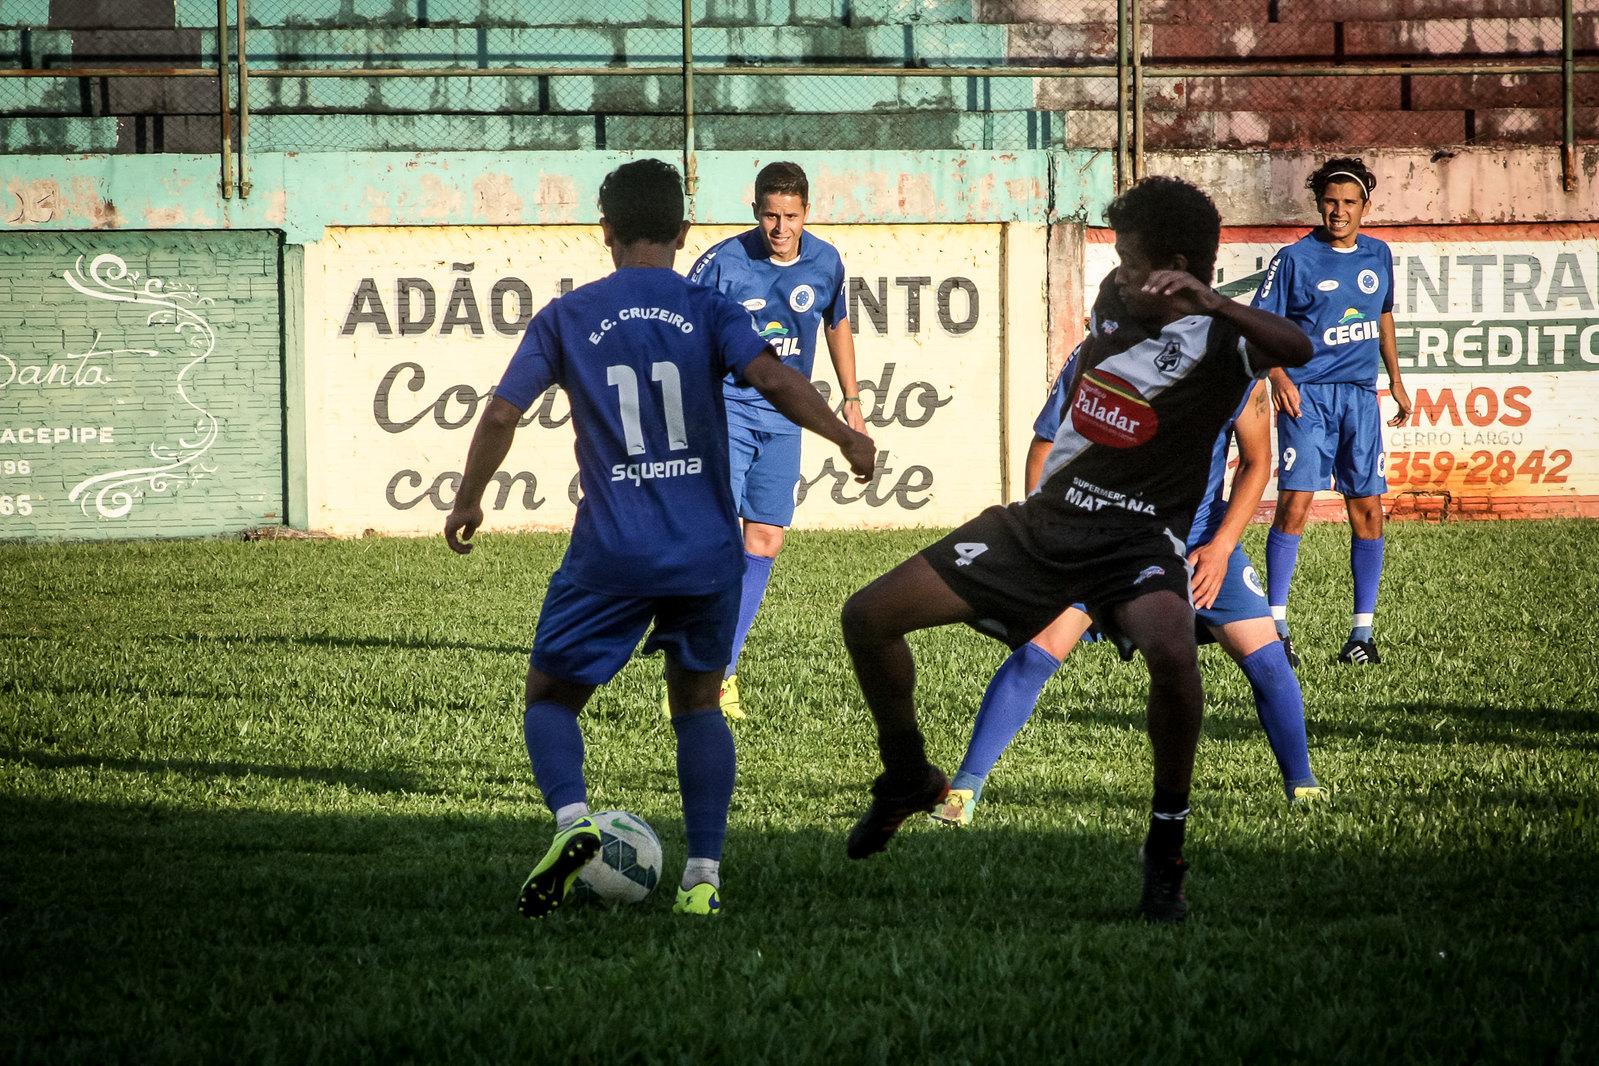 Copa da Amizade é uma competição de amigos no Noroeste gaúcho